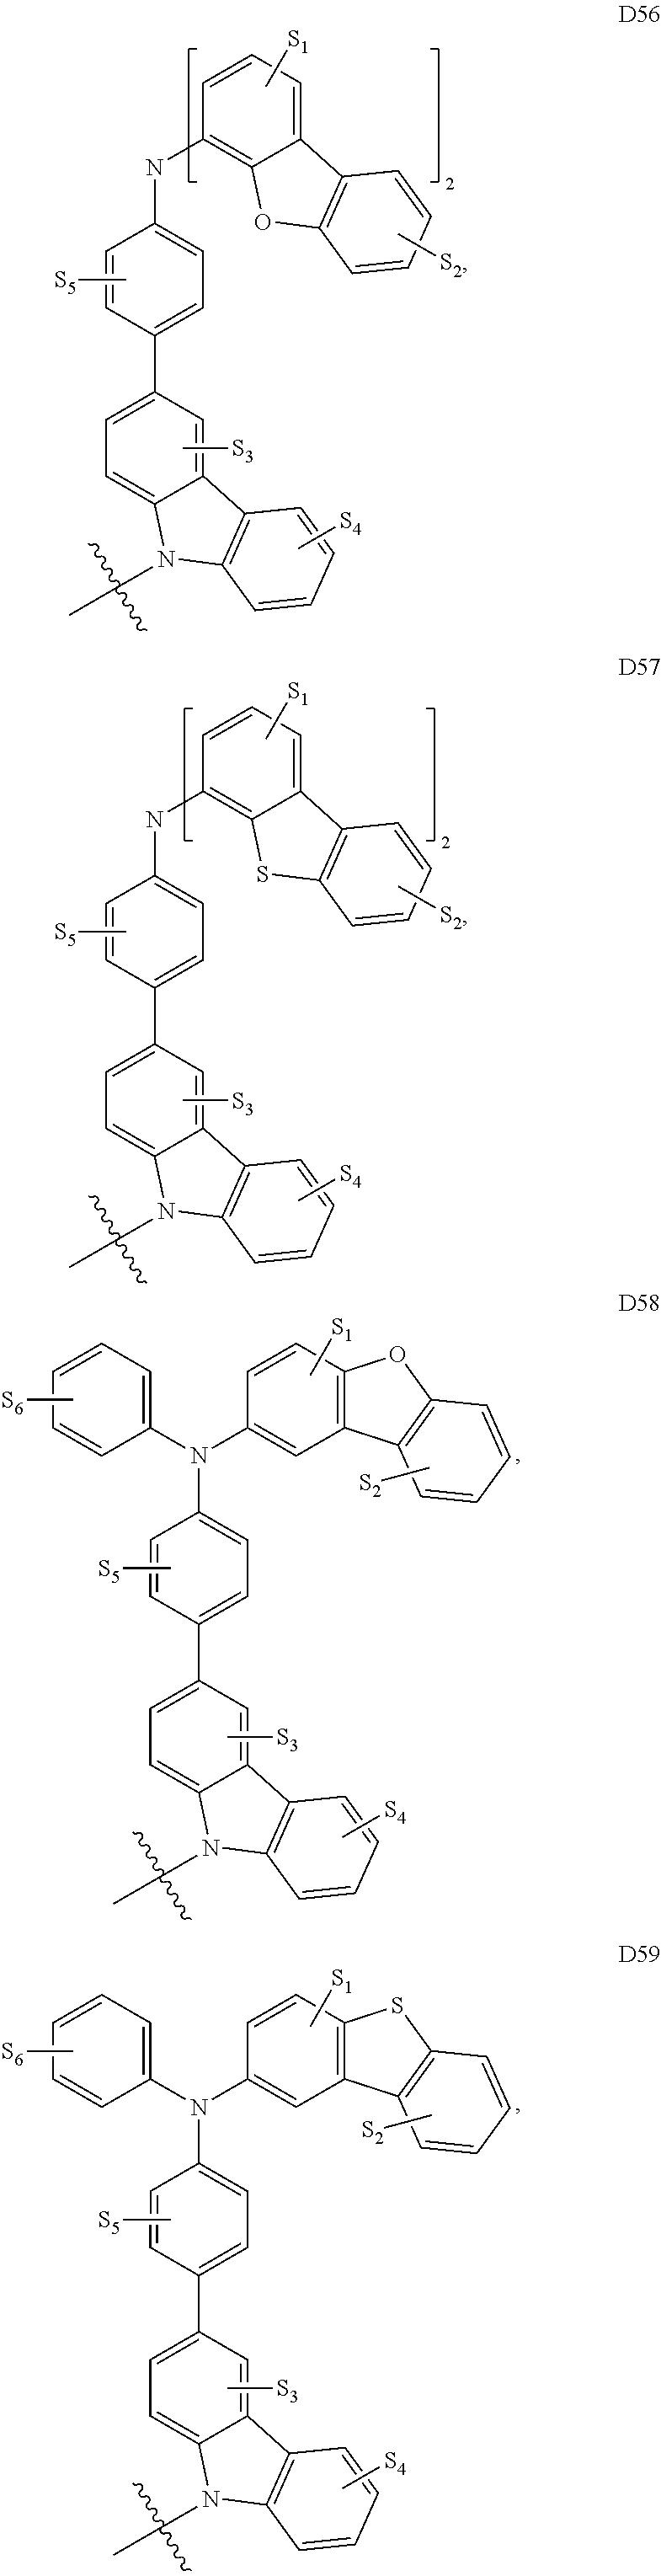 Figure US09324949-20160426-C00397